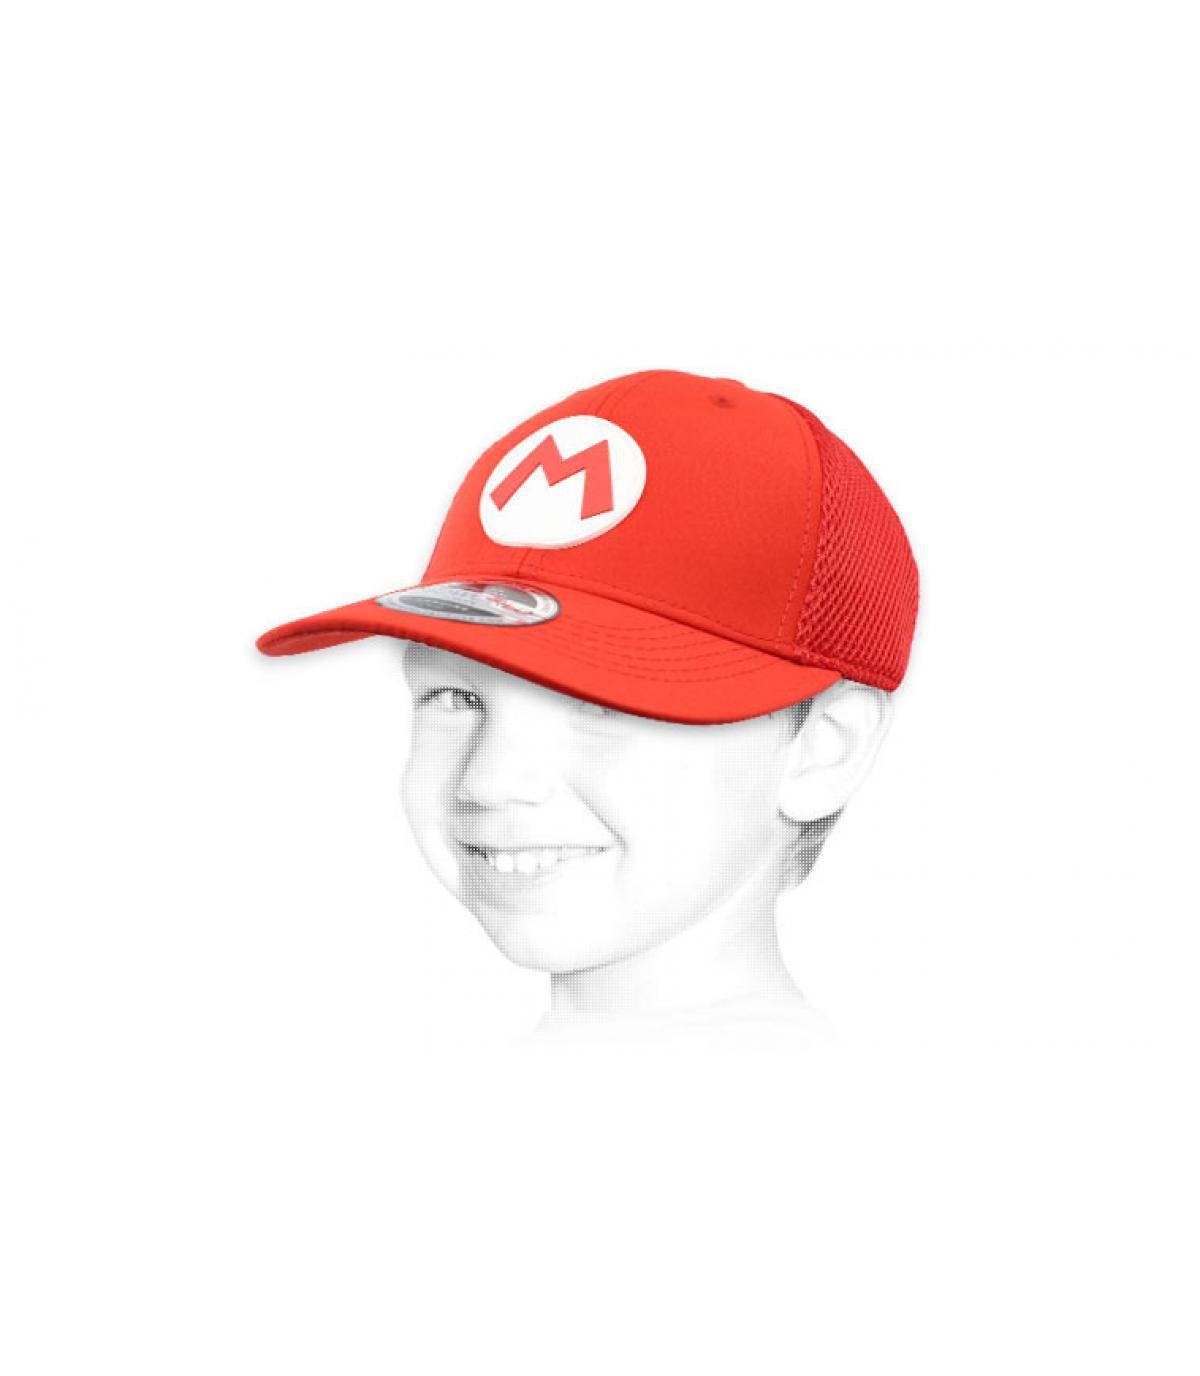 casquette Mario enfant